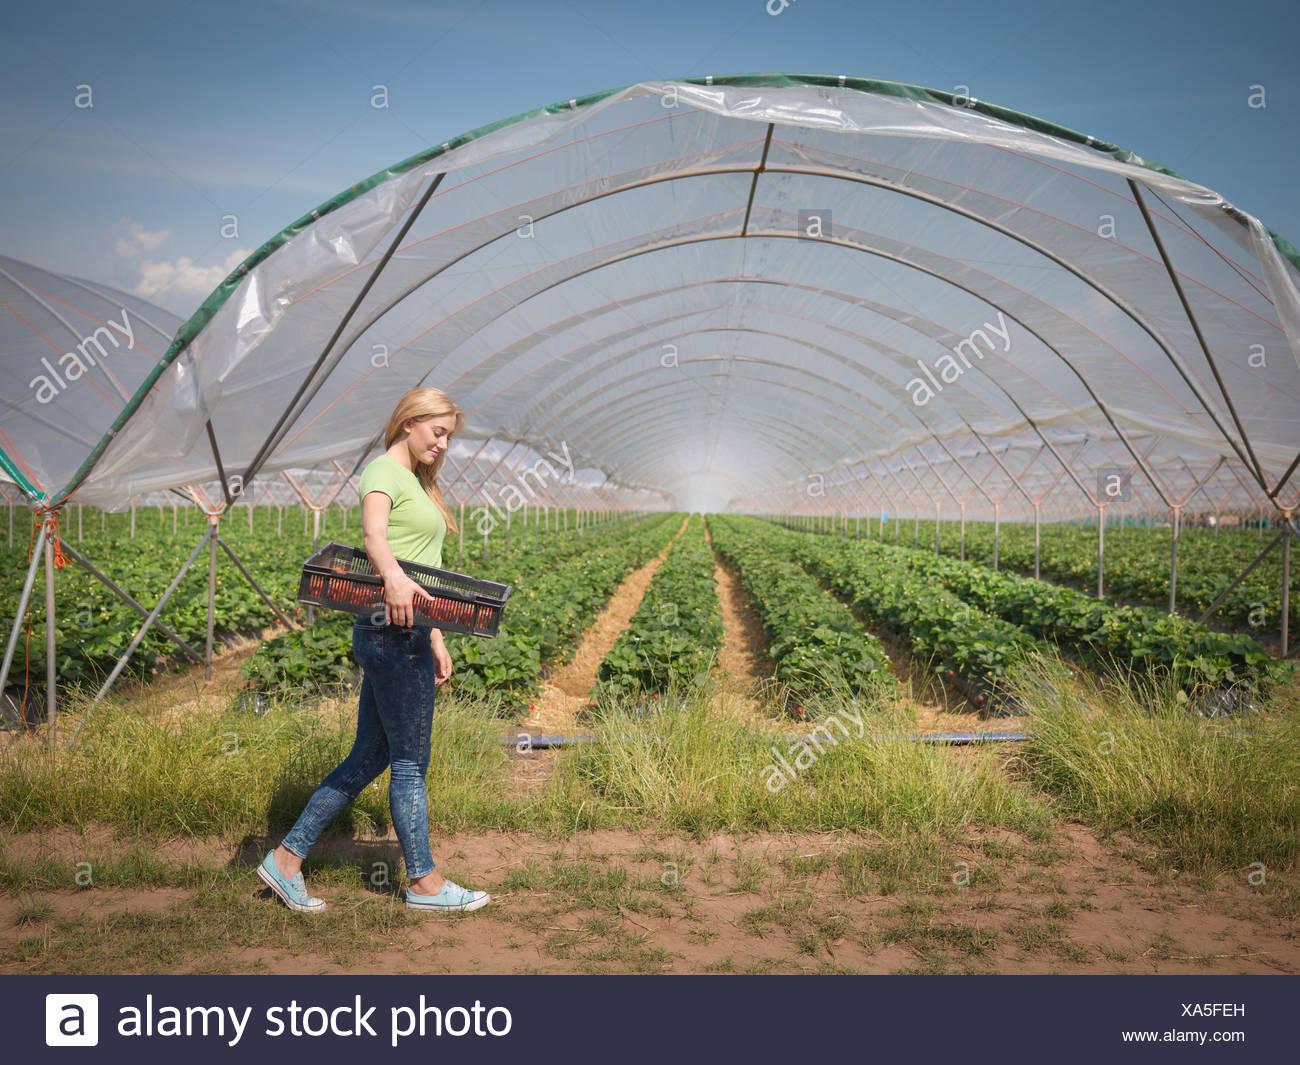 Strawberry picker marcher passé polytunnel sur fruit farm Photo Stock